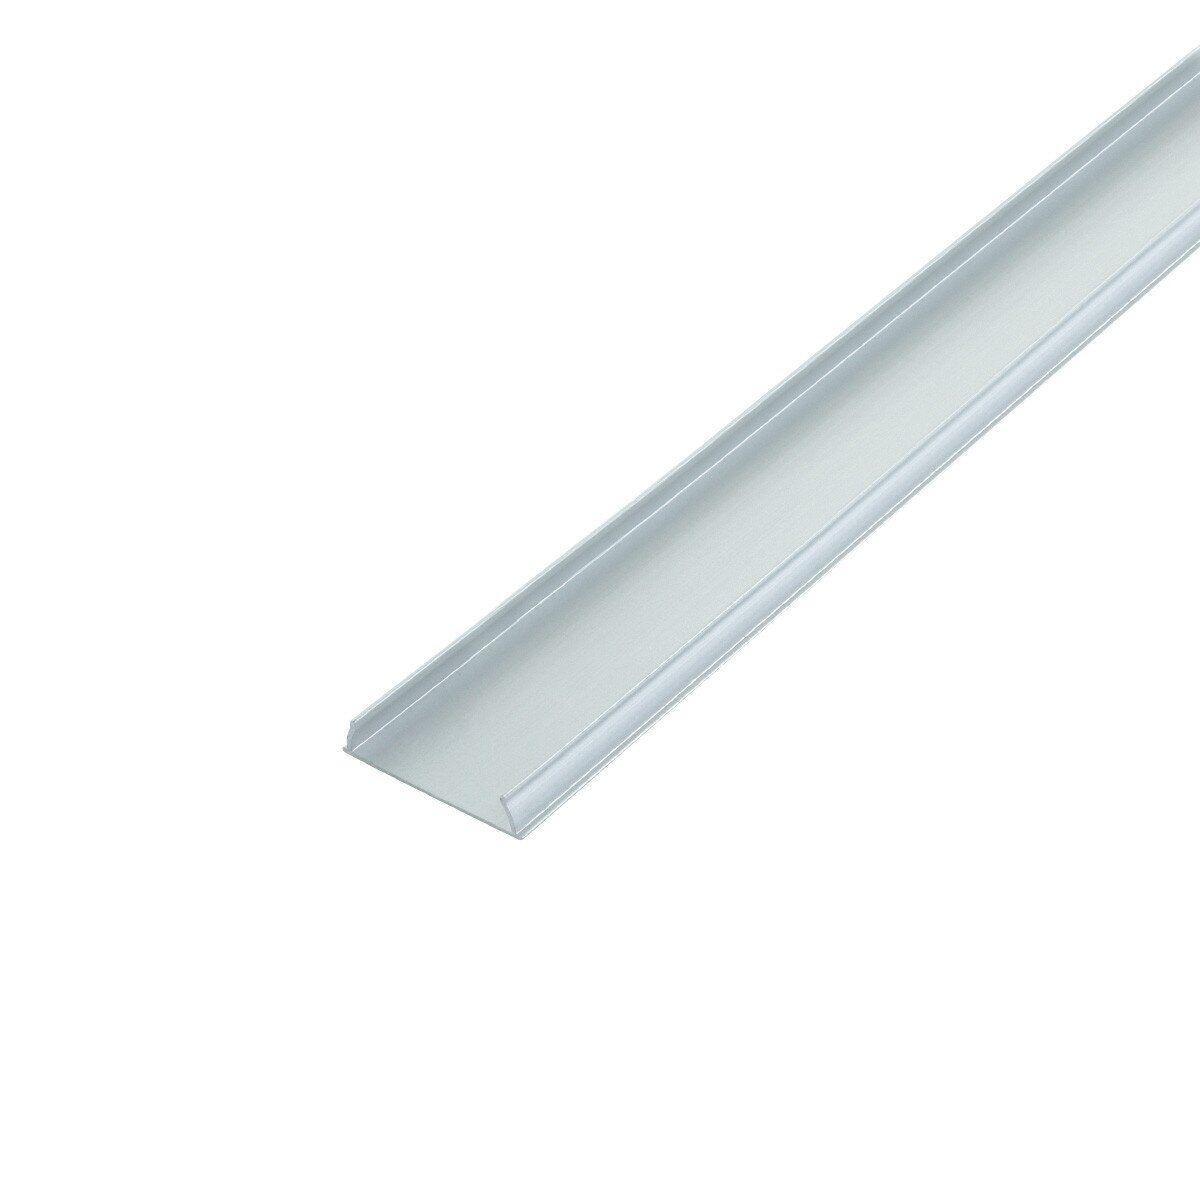 Профиль алюминиевый ЛПФ-5 гибкий Biom 4.8х18 (комплект профиль+линза), 2м